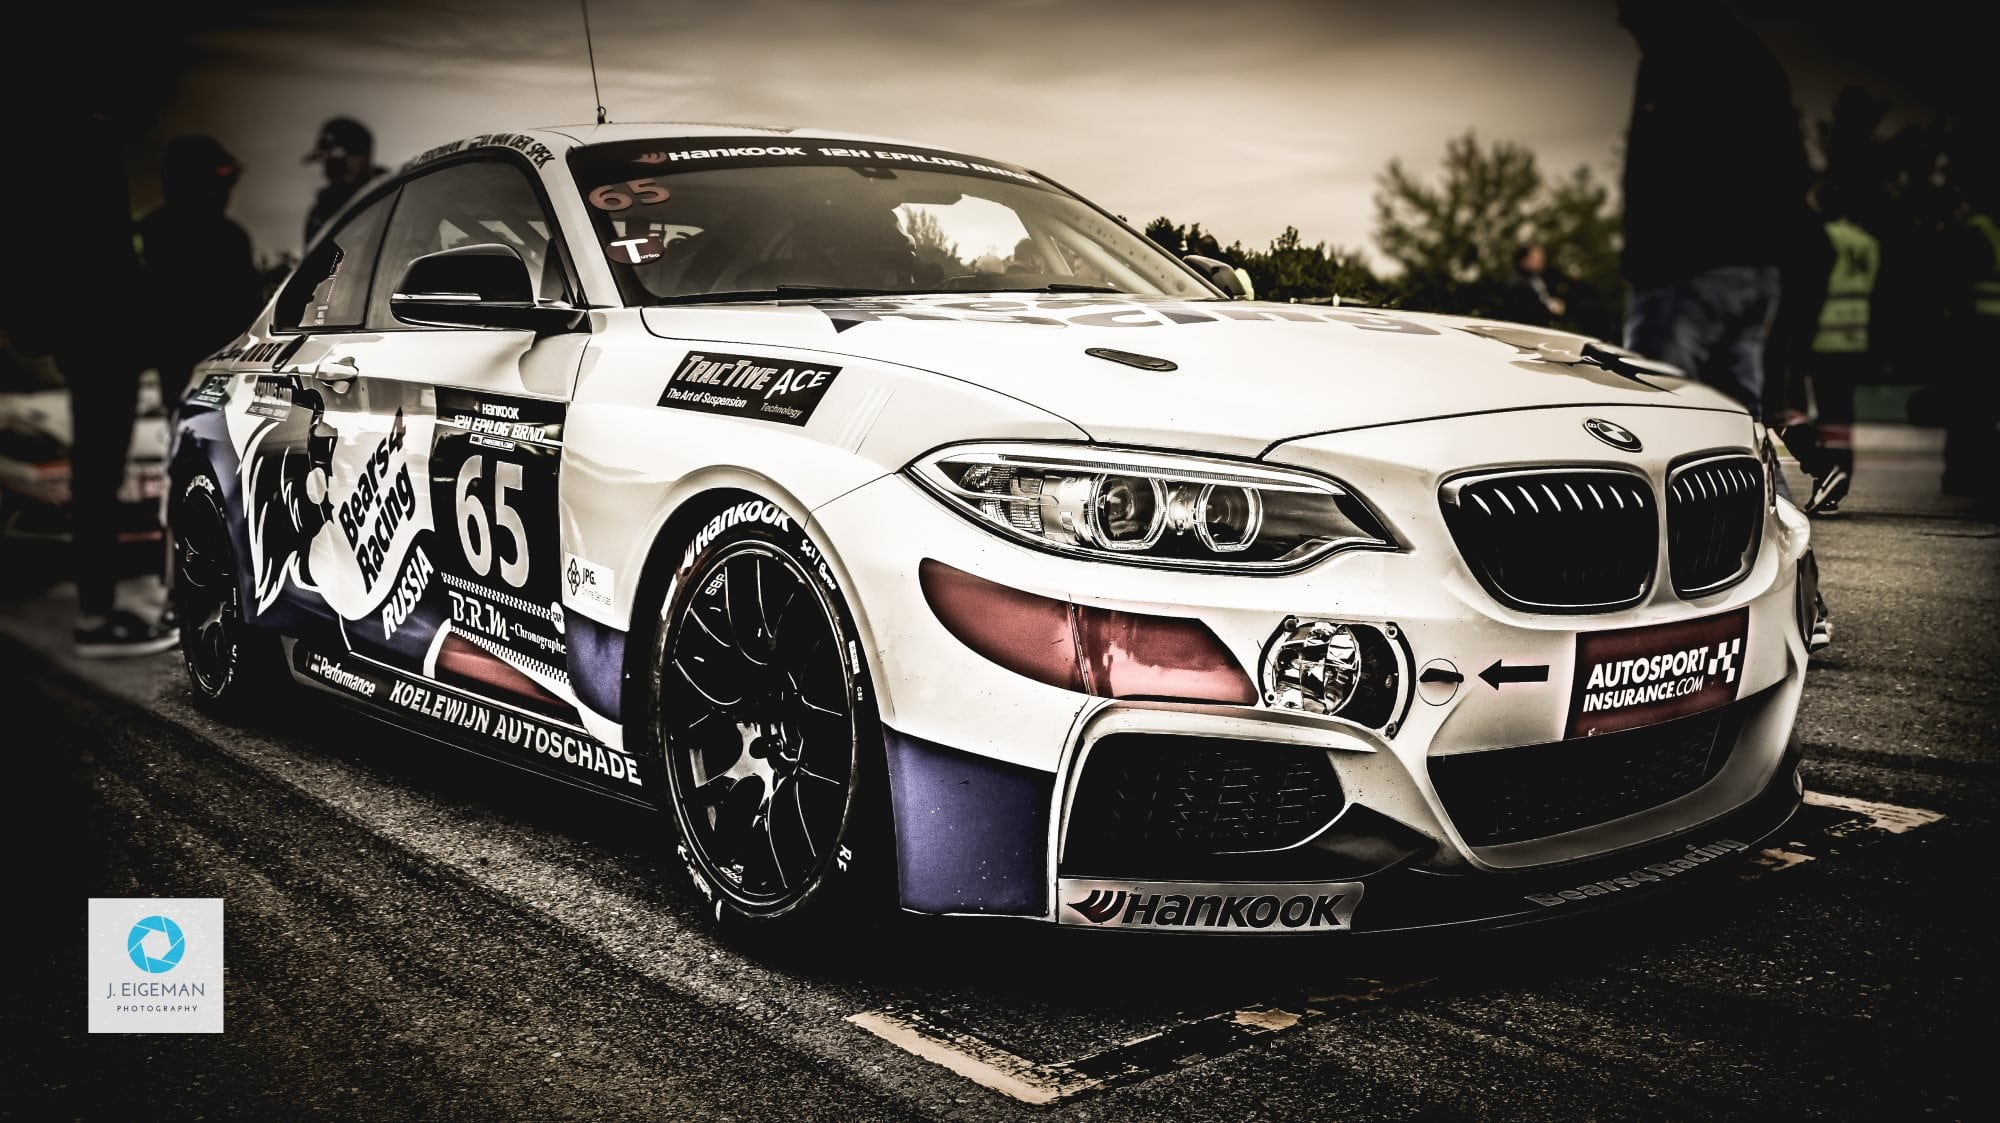 BMW M235i Brno - Technieko - Bears 4 Racing - by Jeoffrey Eigeman